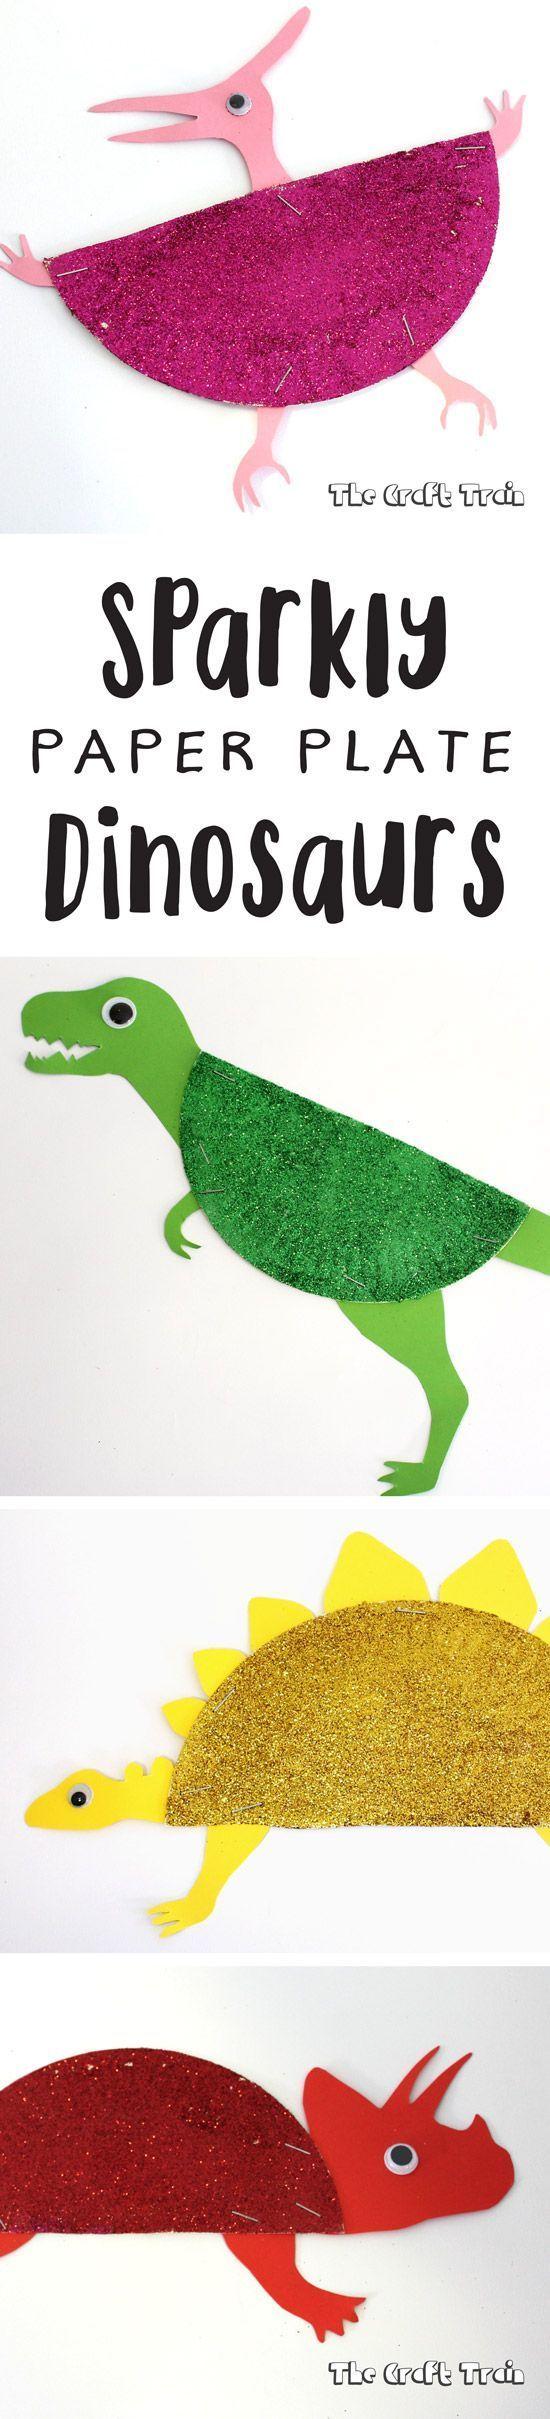 87 best Dinosaur Stuff for Kids! images on Pinterest | Dinosaurs ...